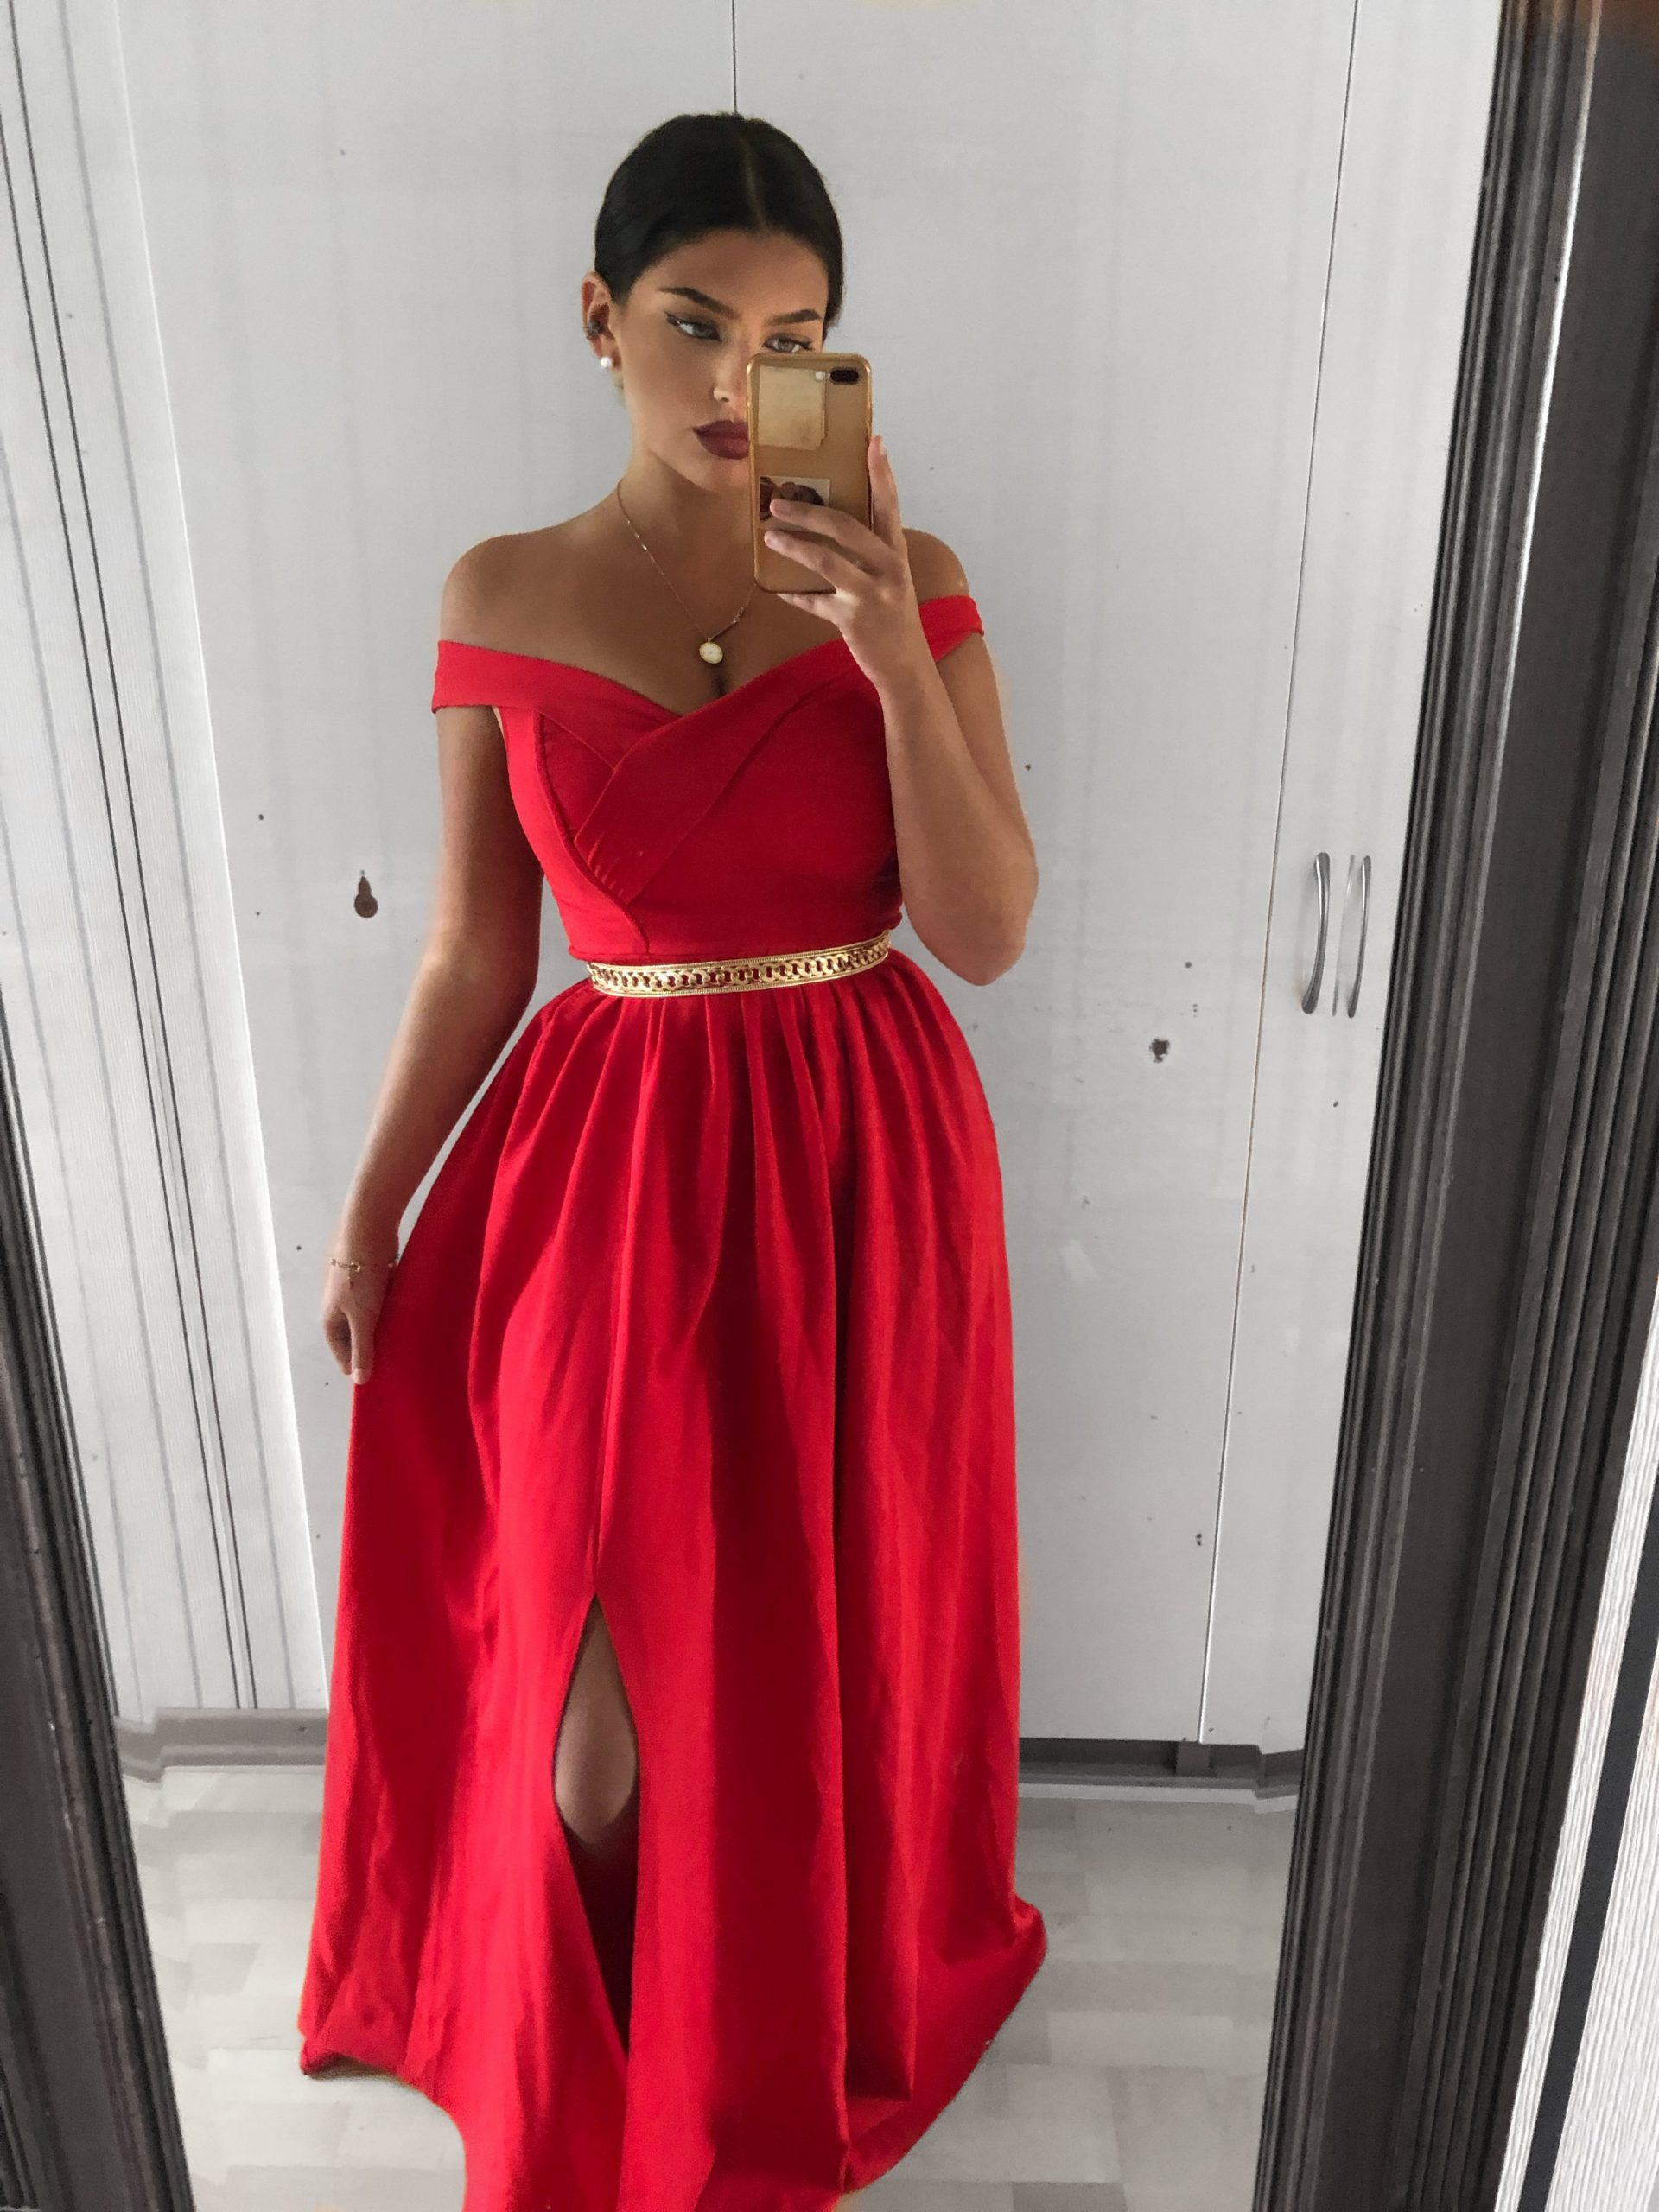 13 Luxus Abend Kleid Rot GalerieDesigner Schön Abend Kleid Rot Vertrieb